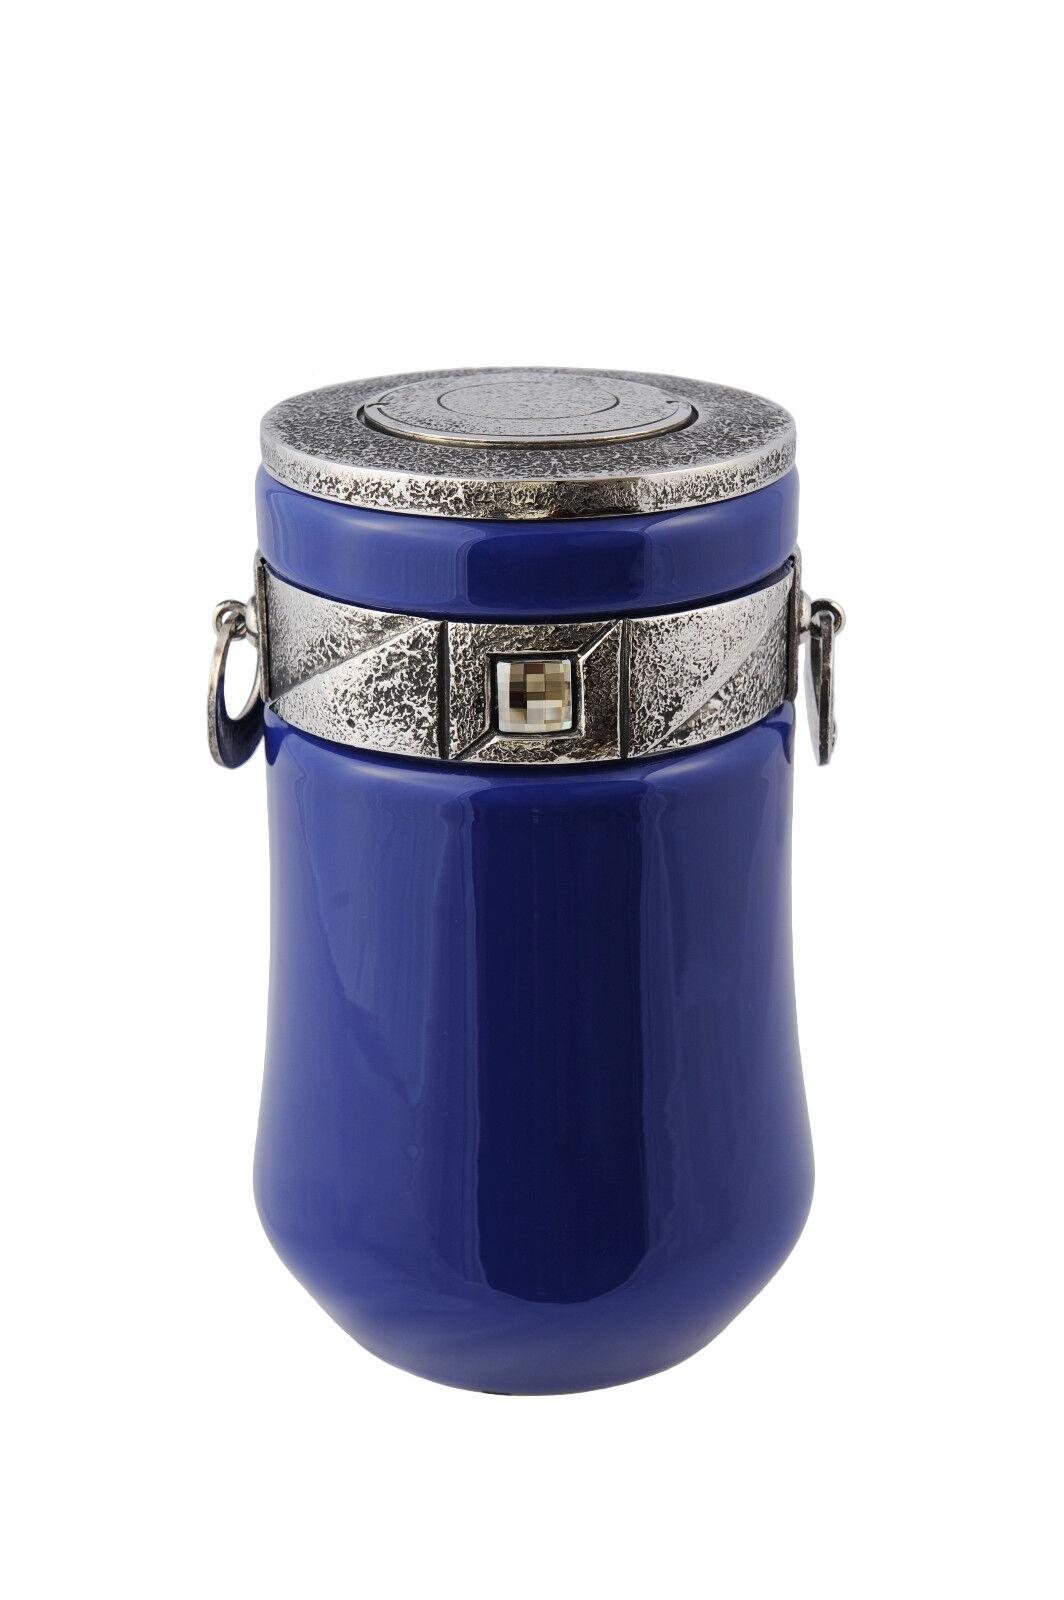 Exclusivo PRECIOSO CRISTAL incineración incineración incineración urn-azul con Funeral Urna Para Adultos ef585b